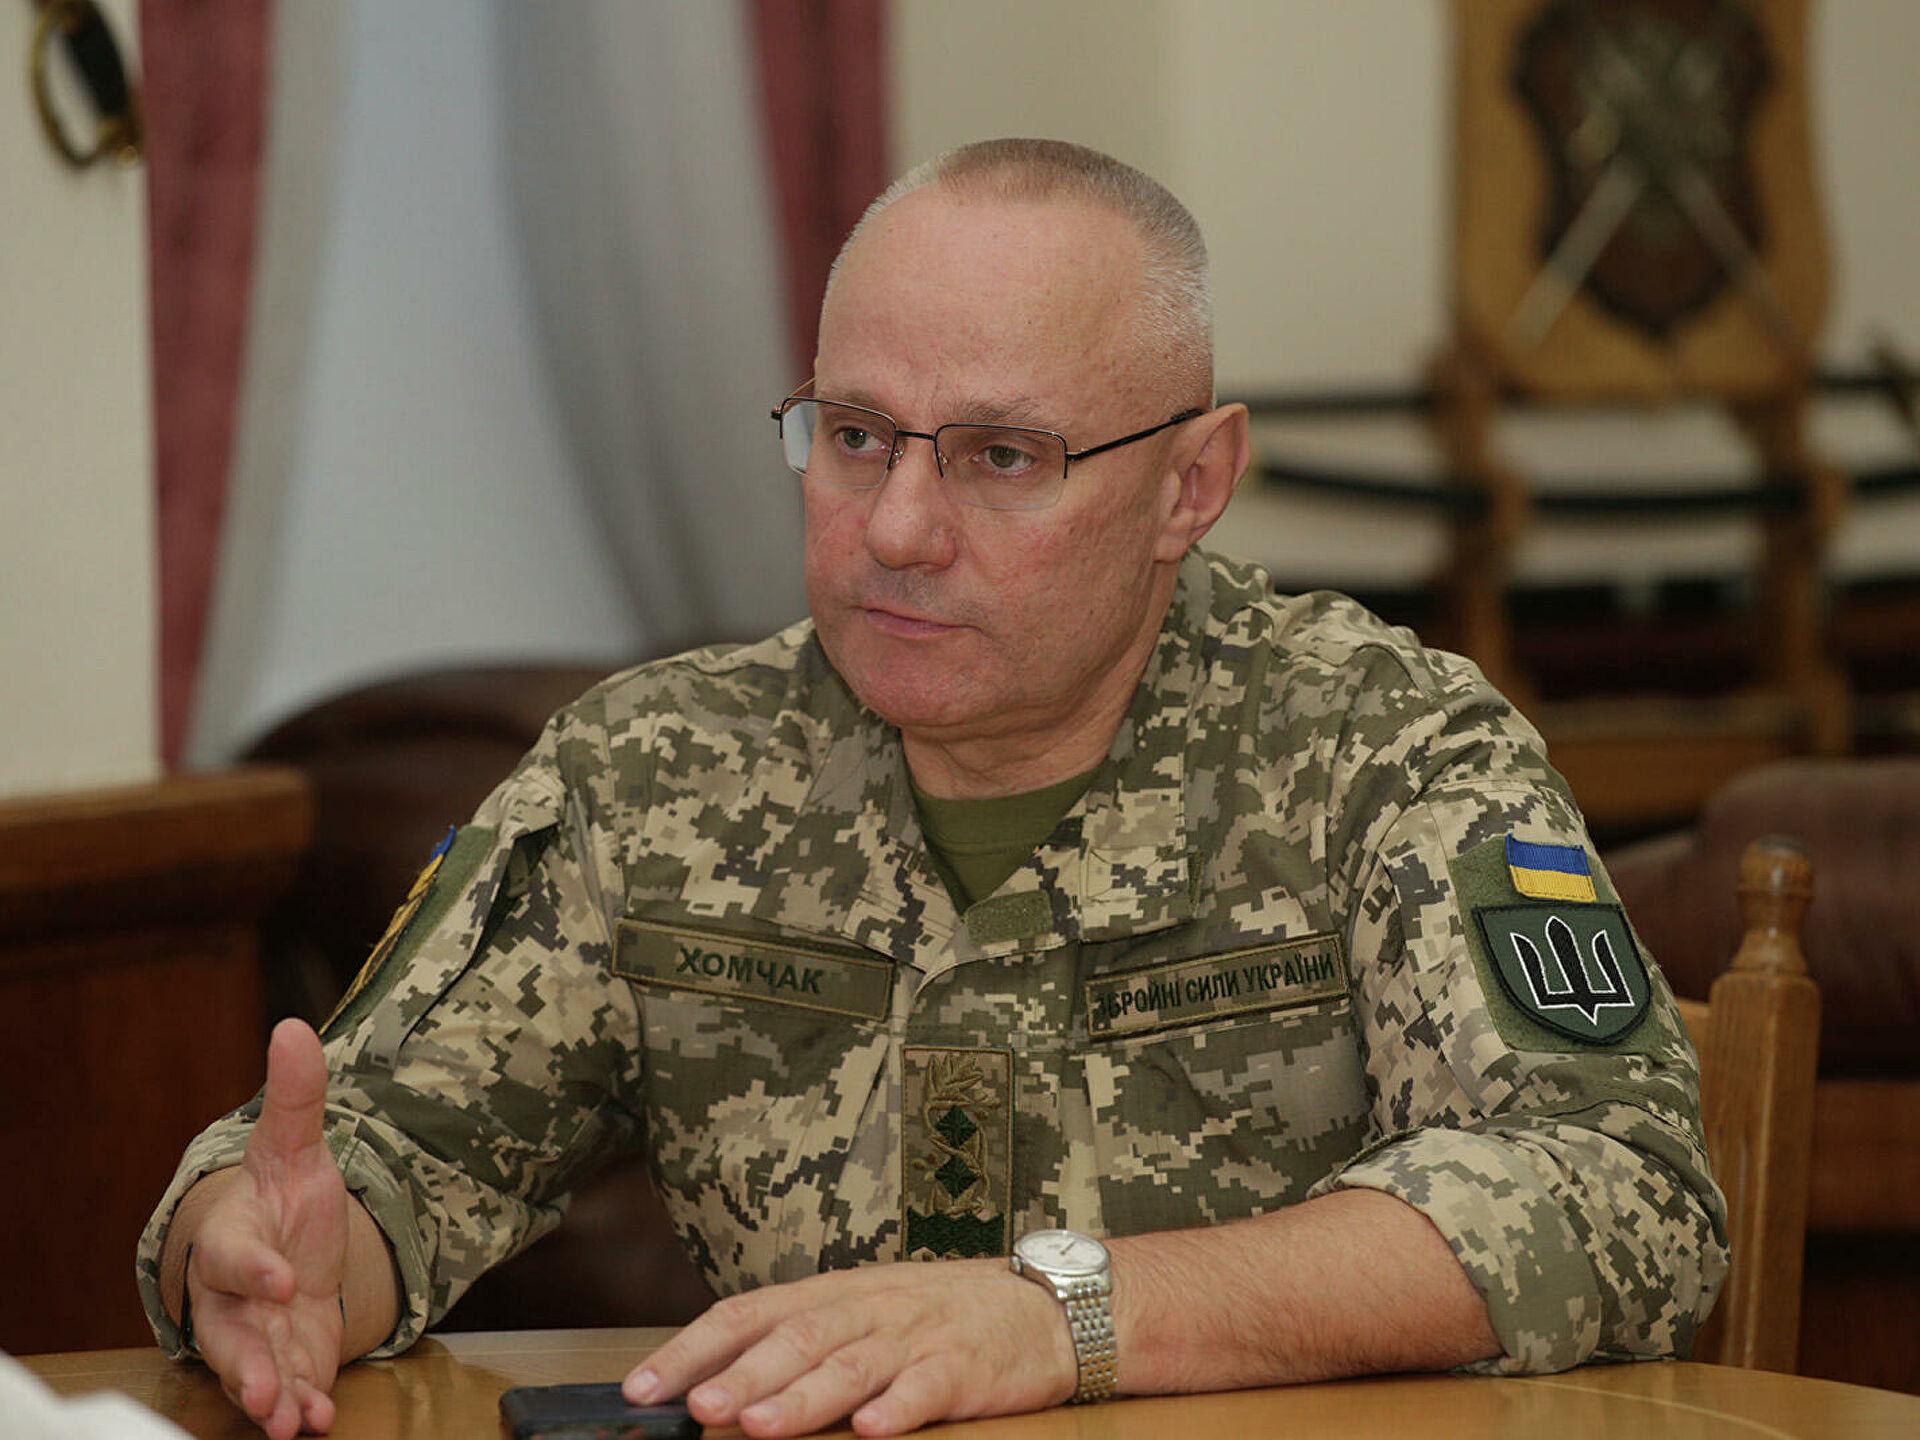 قادة الجيش الأوكرانى يقاضون وزارة الدفاع لرفع عقوبات تتعلق بحادث تحطم طائرة